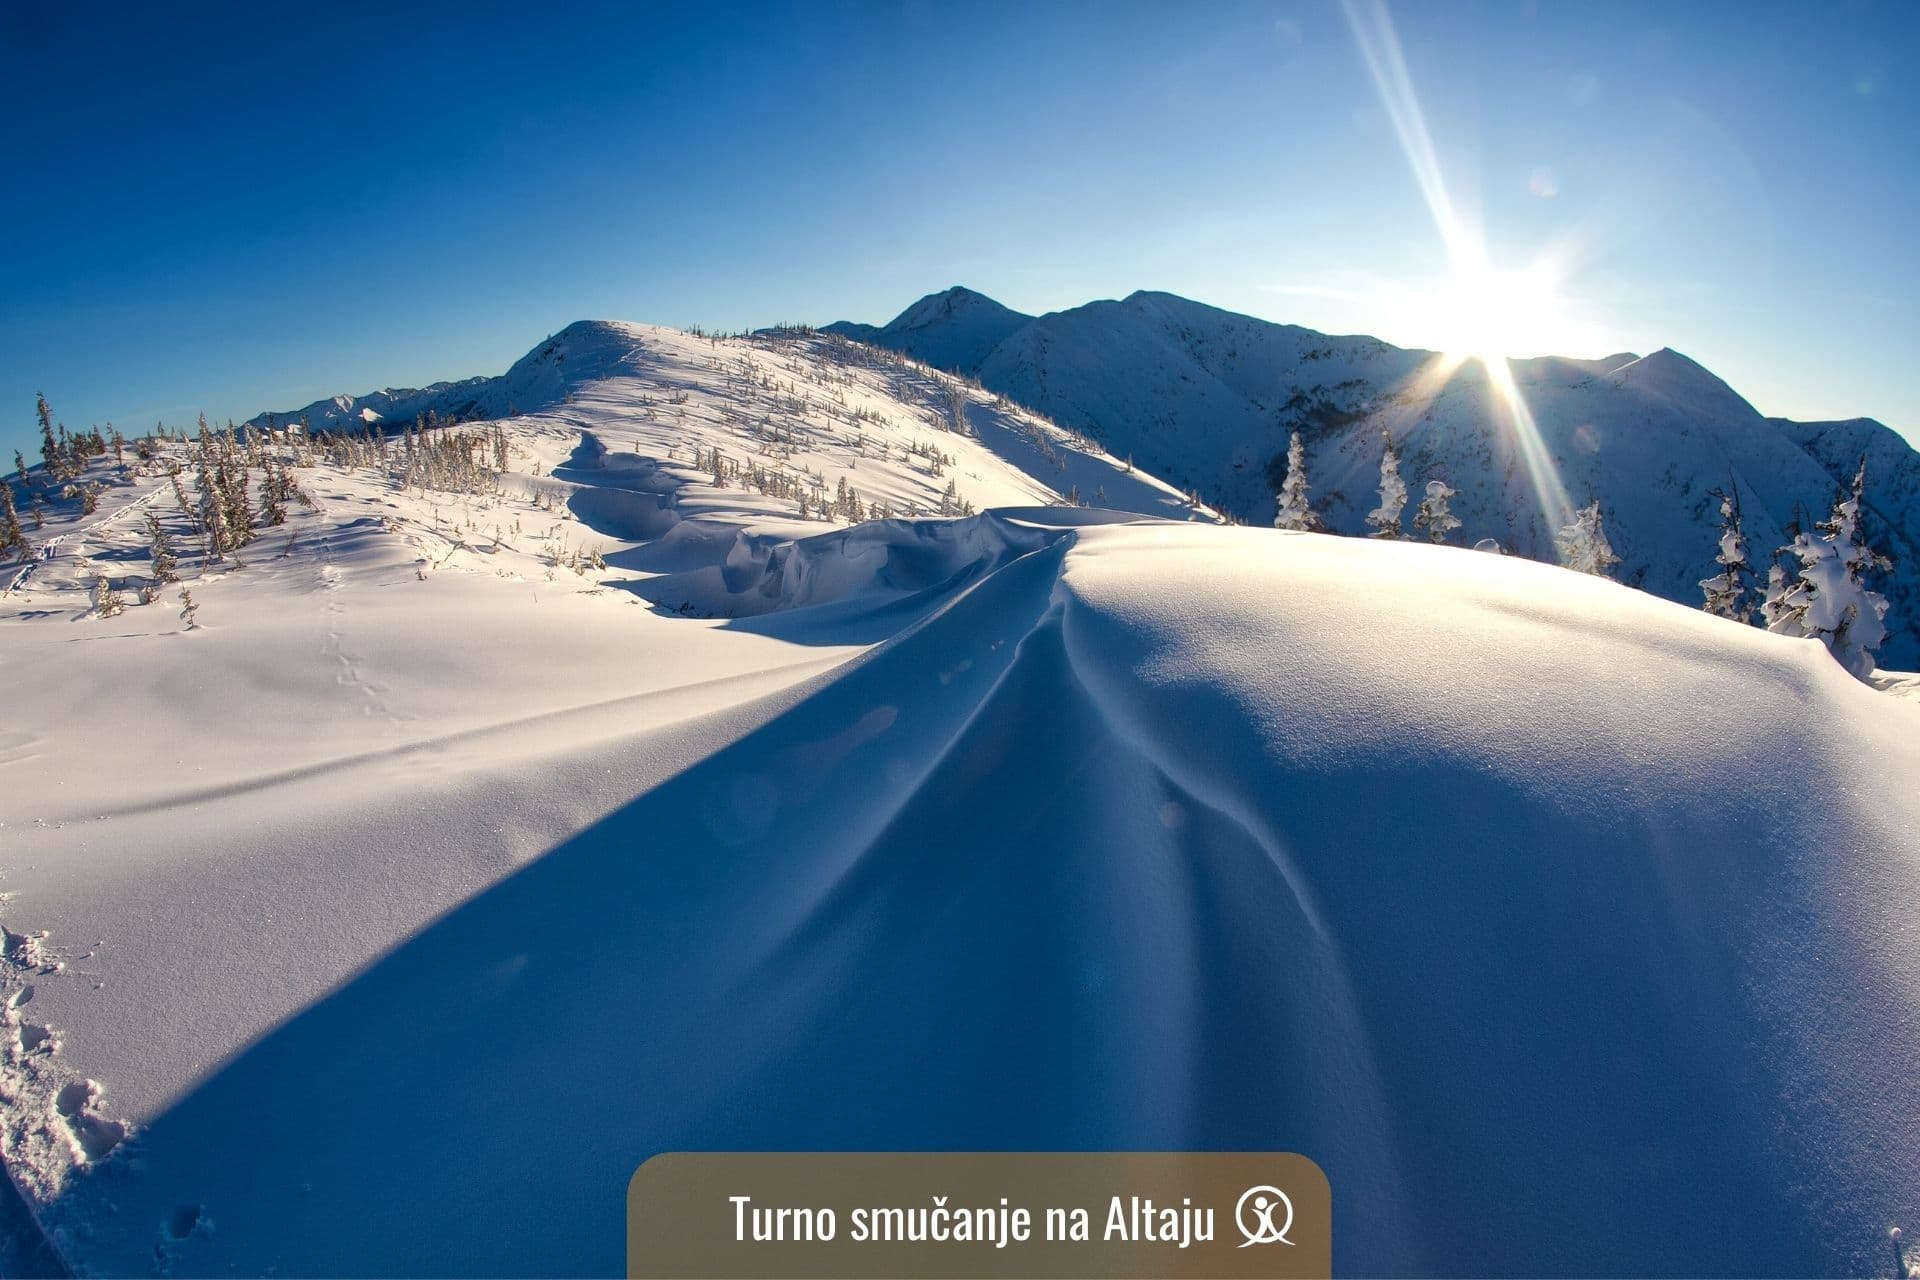 turno smučanje na Altaju